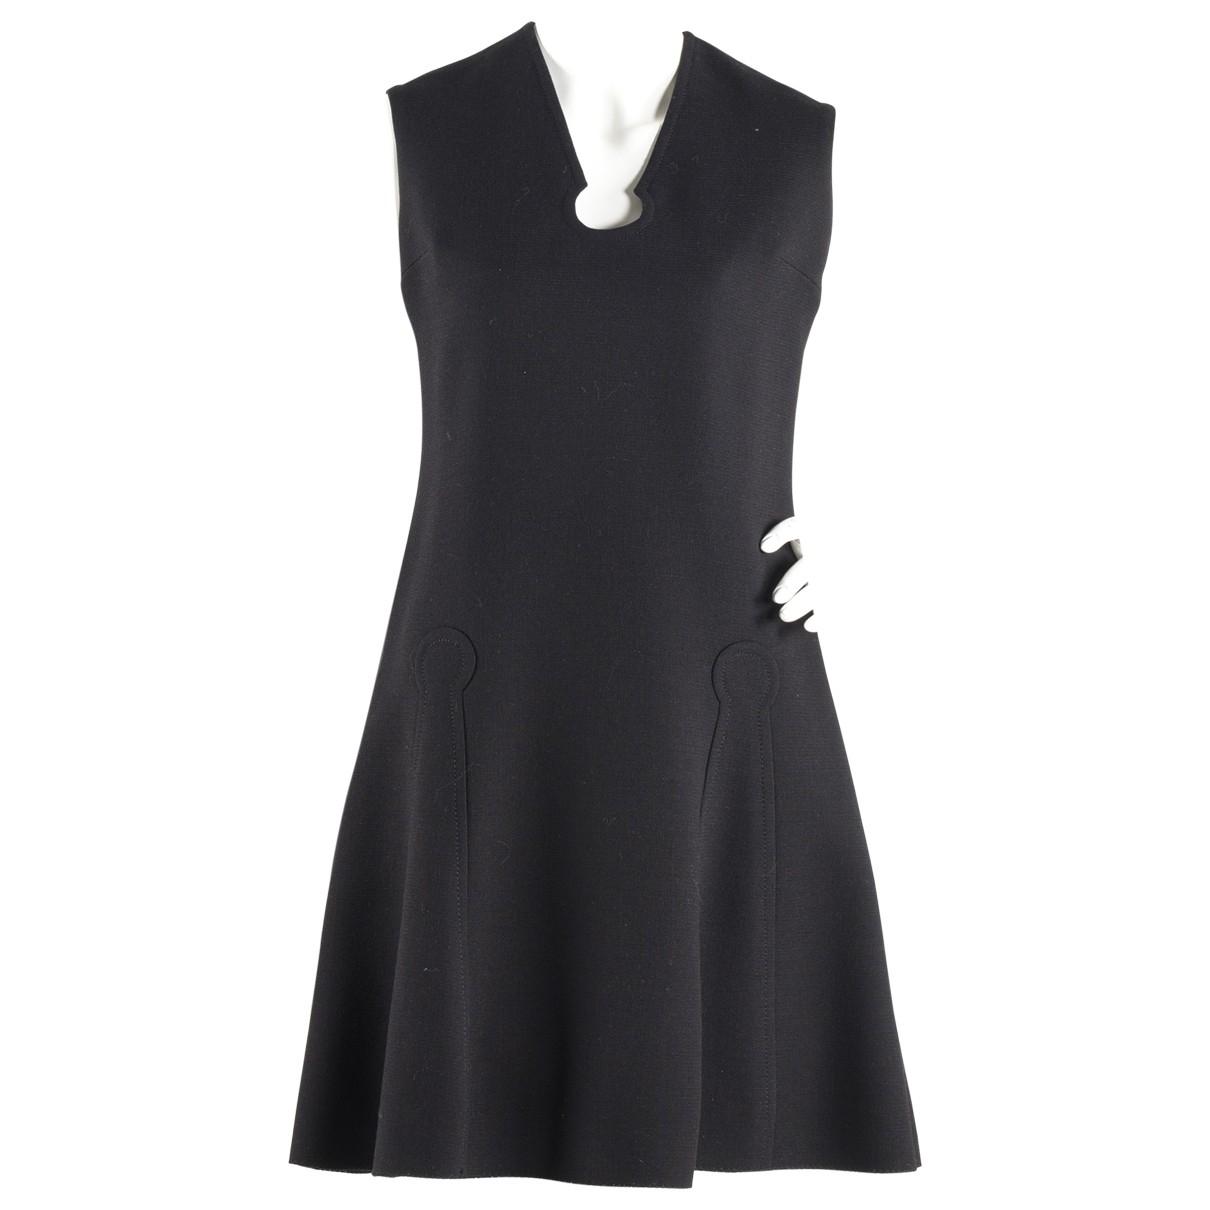 Pierre Cardin \N Kleid in  Schwarz Wolle